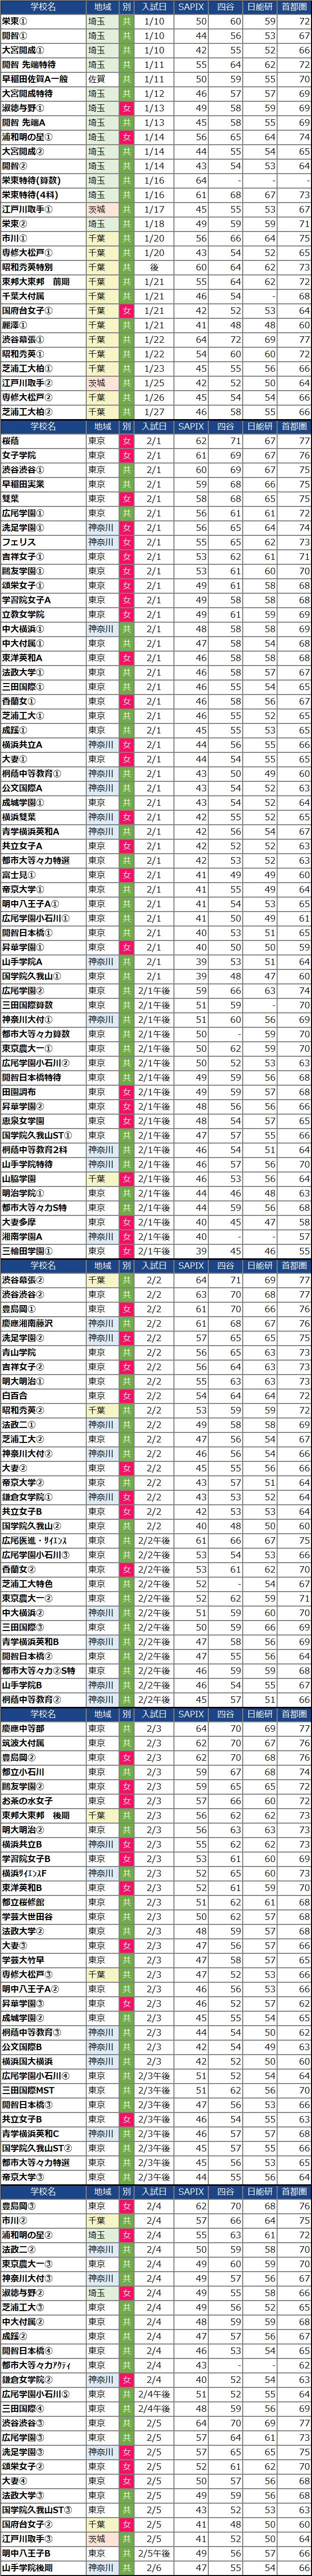 入試日付順の女子中学校偏差値(2022年度)